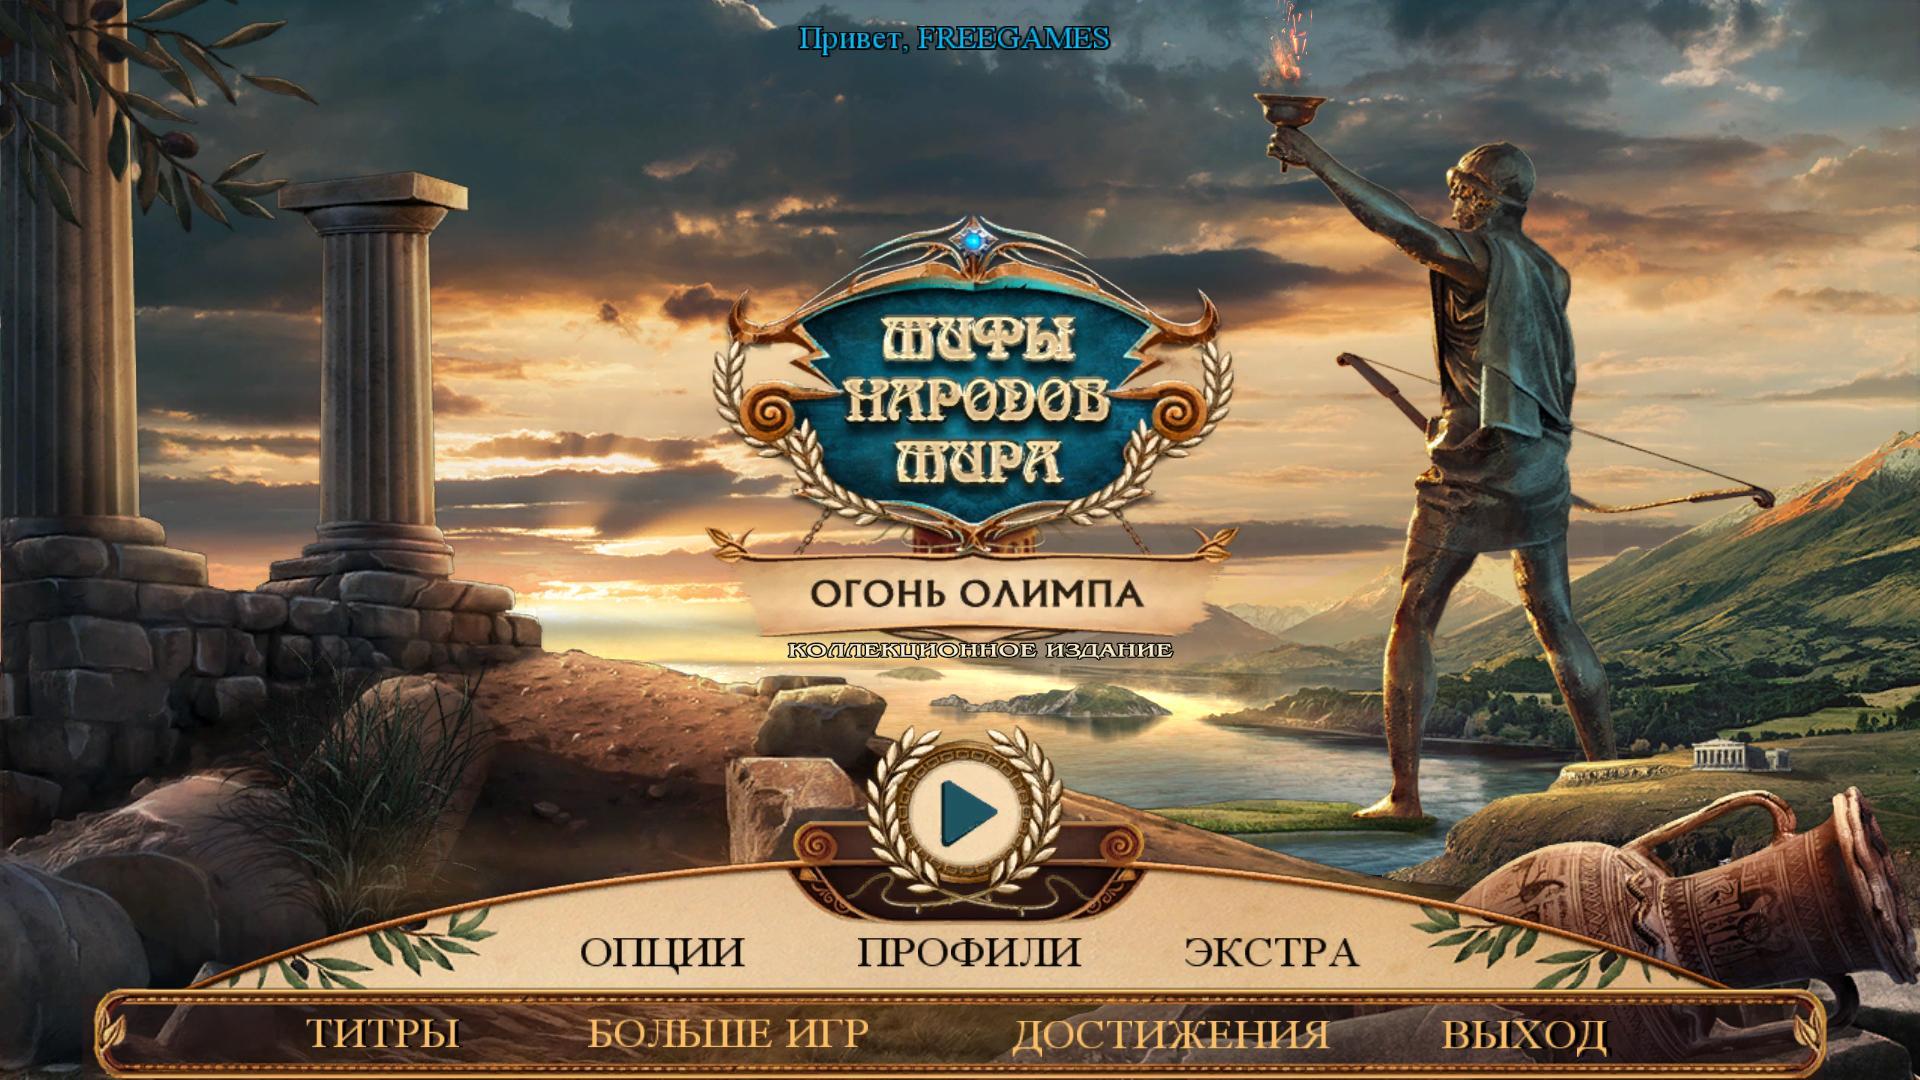 Мифы народов мира 12: Огонь Олимпа. Коллекционное издание | Myths Of The World 12: Fire Of Olympus CE (Rus)